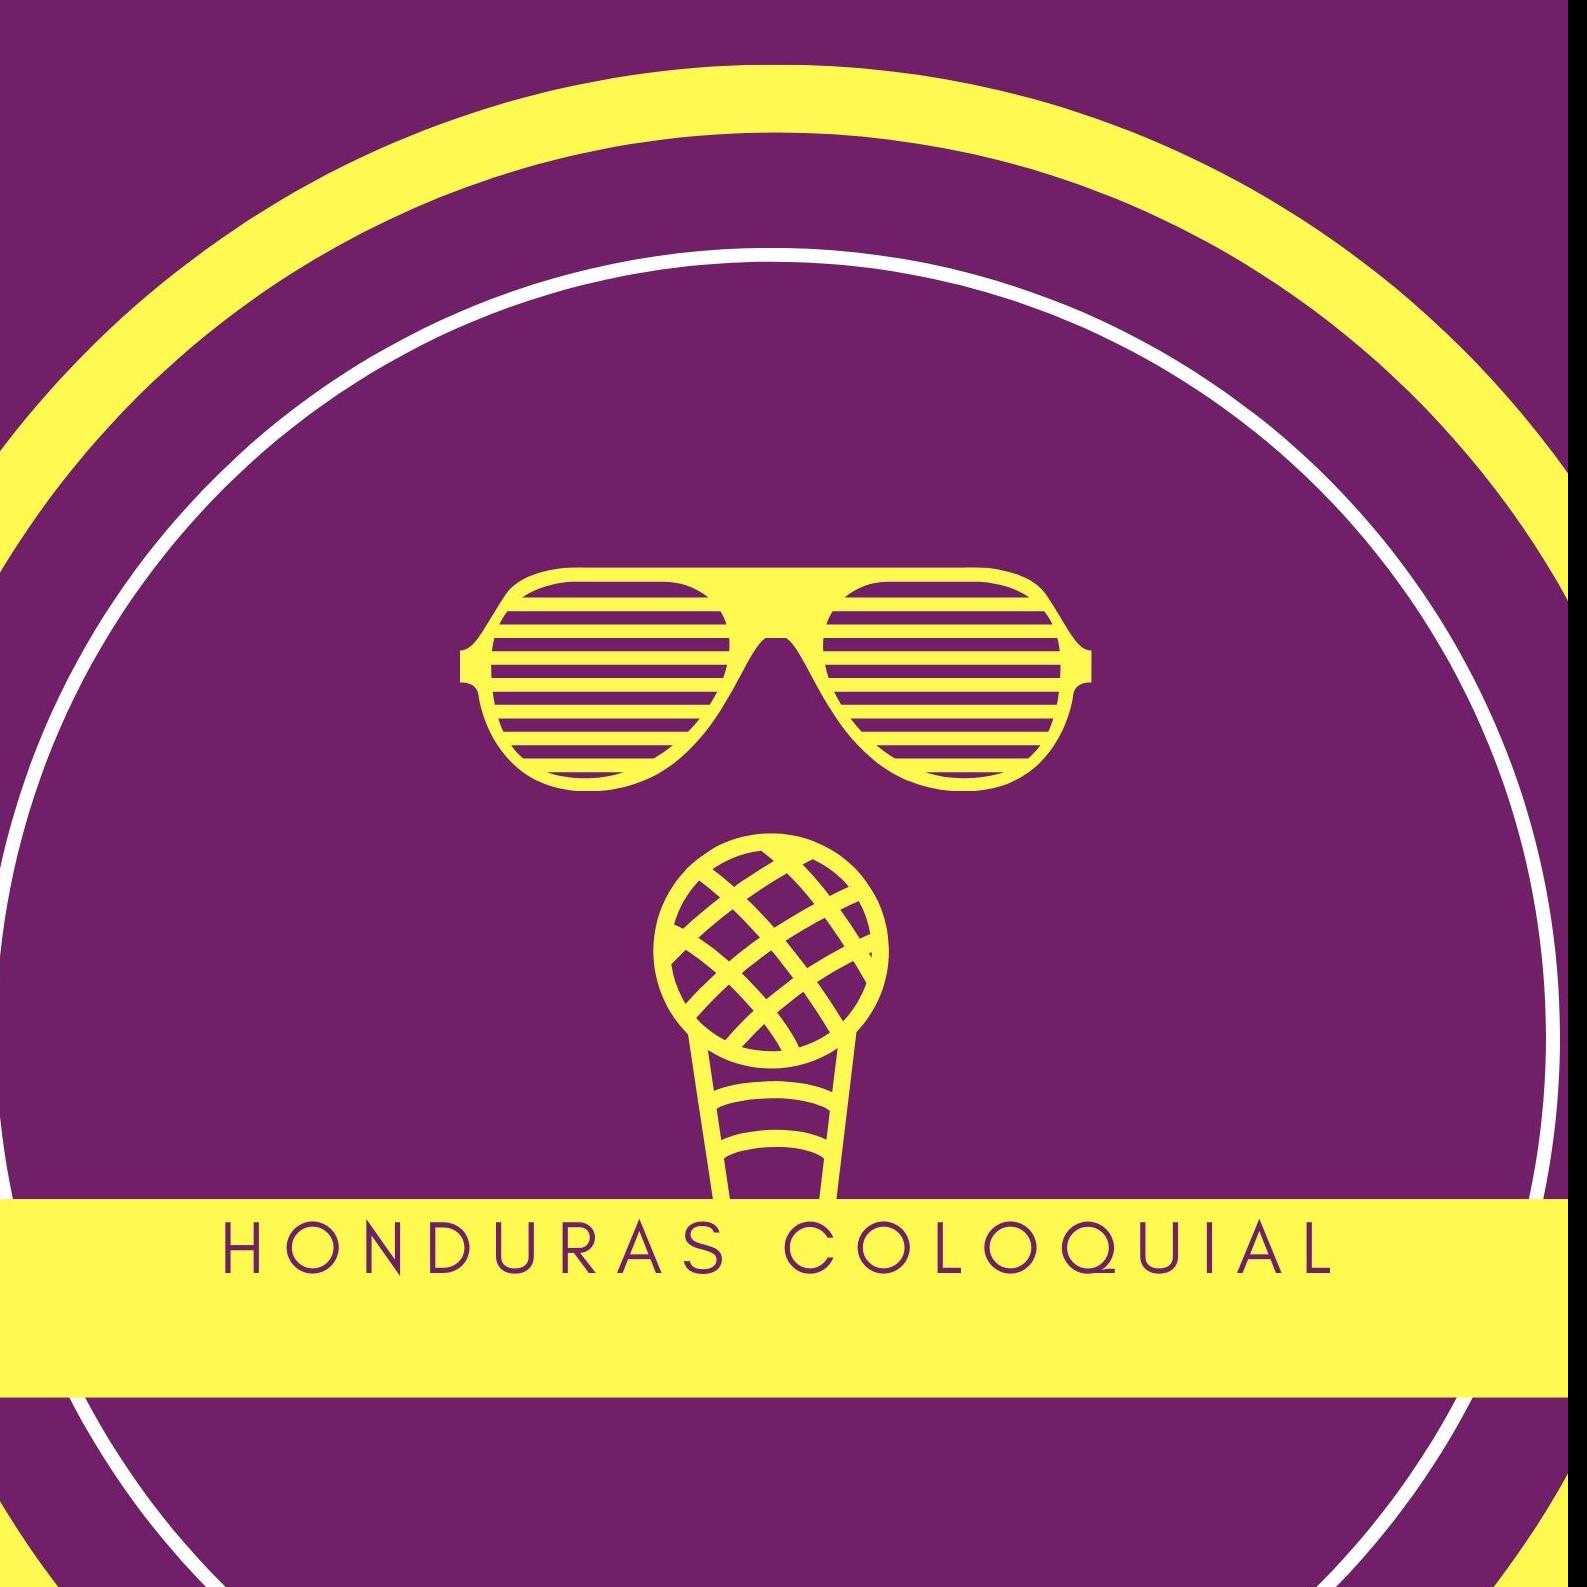 Honduras Coloquial